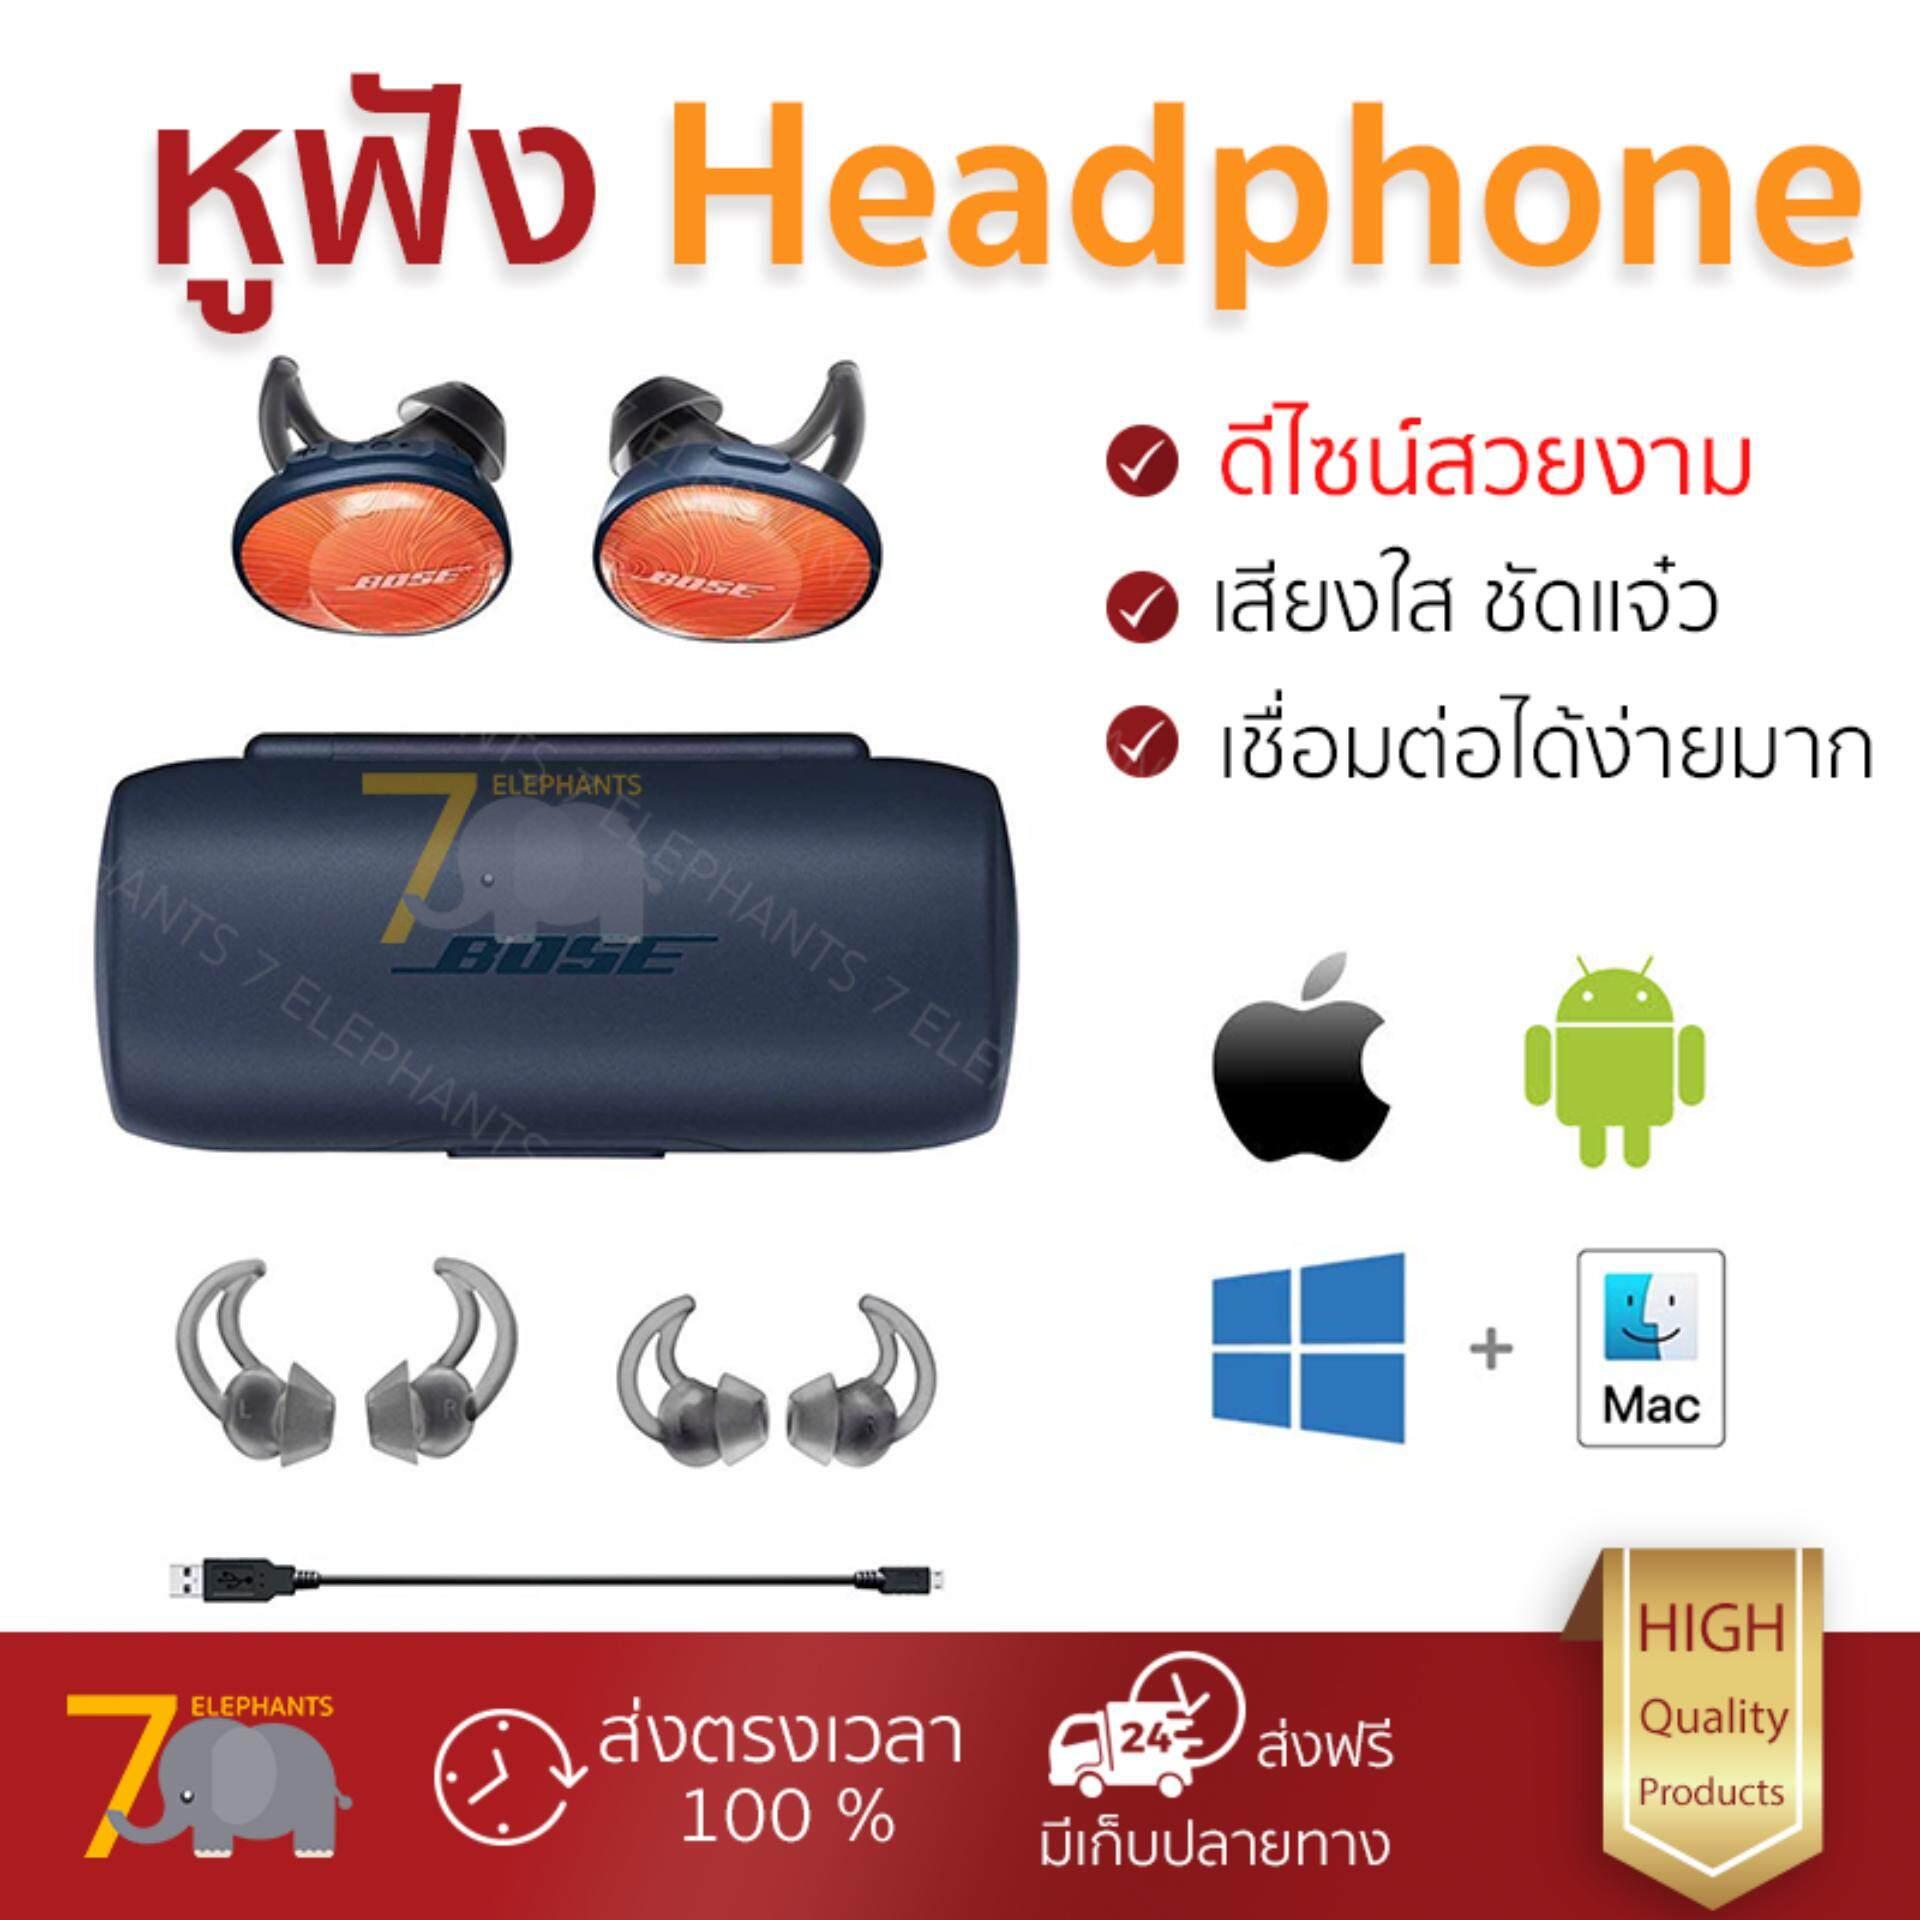 สอนใช้งาน  นครปฐม ของแท้ หูฟัง Bose SoundSport Free Wireless Headphones Orange เบสหนัก เสียงใส คุณภาพเกินตัว Headphone รับประกัน 1 ปี จัดส่งฟรีทั่วประเทศ